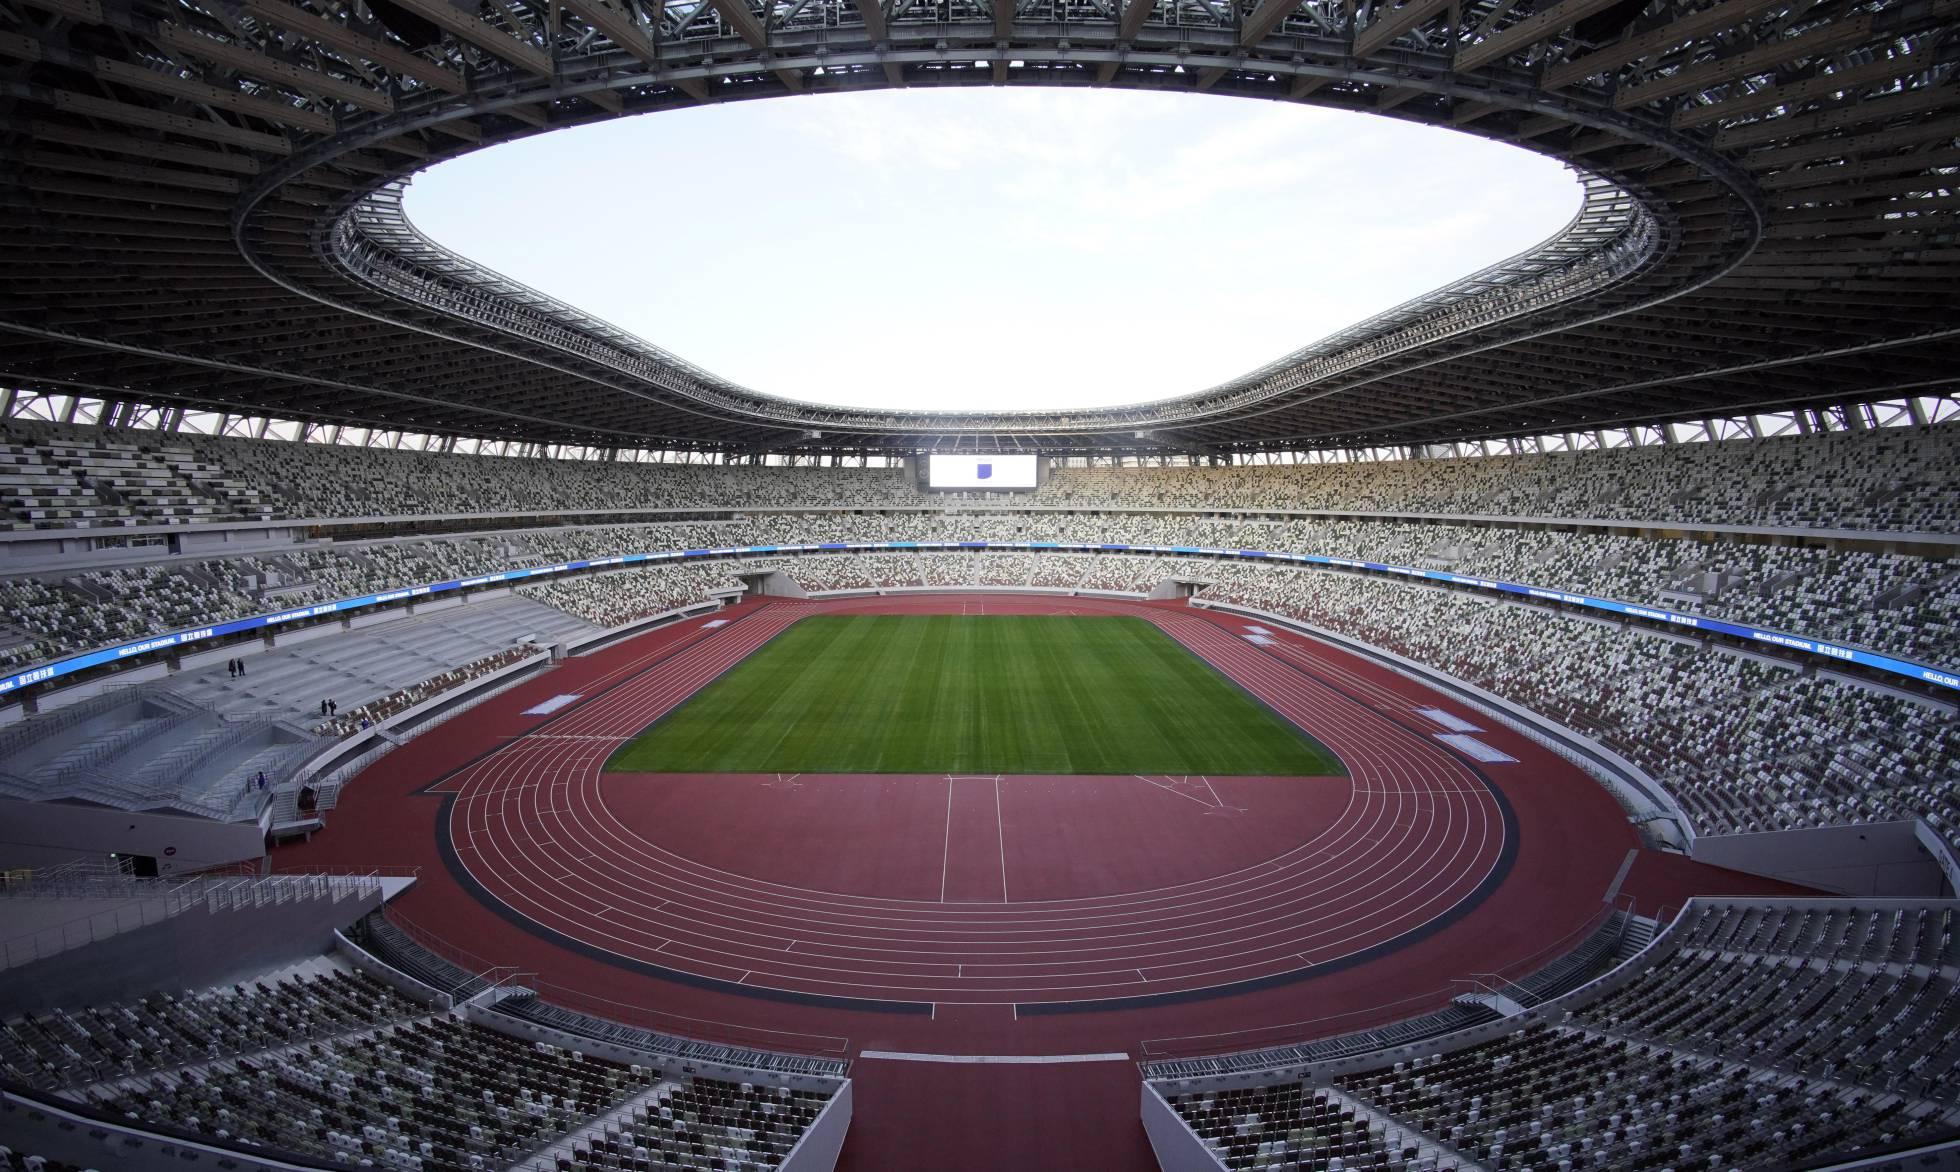 ¿Cuándo son los Juegos Olímpicos Tokio 2021? 1576422408_214090_1576422624_noticia_normal